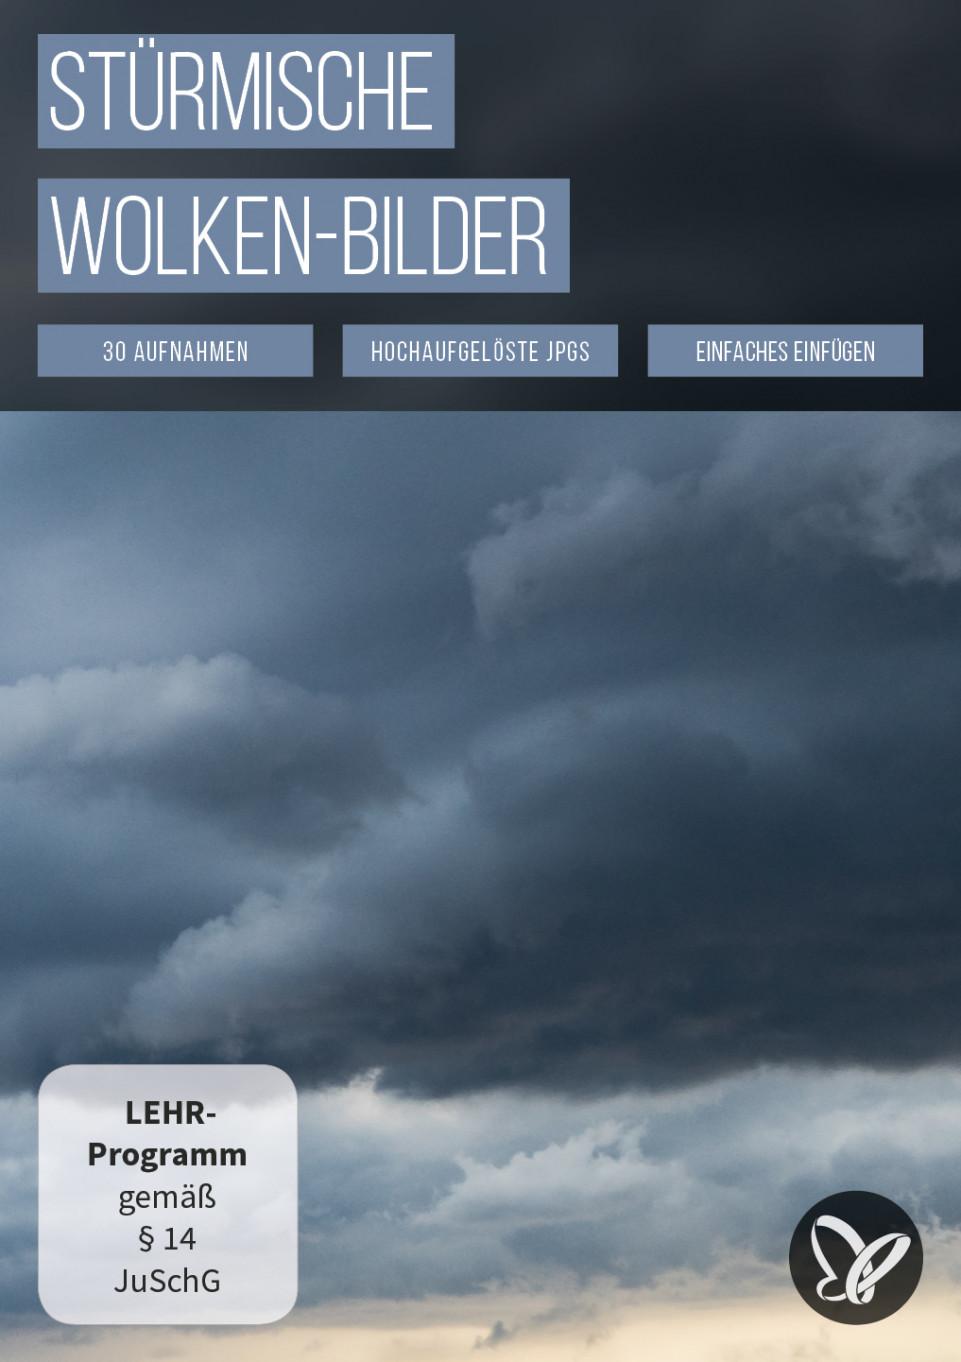 Wolken-Bilder: Himmel austauschen mit stürmischen Overlays